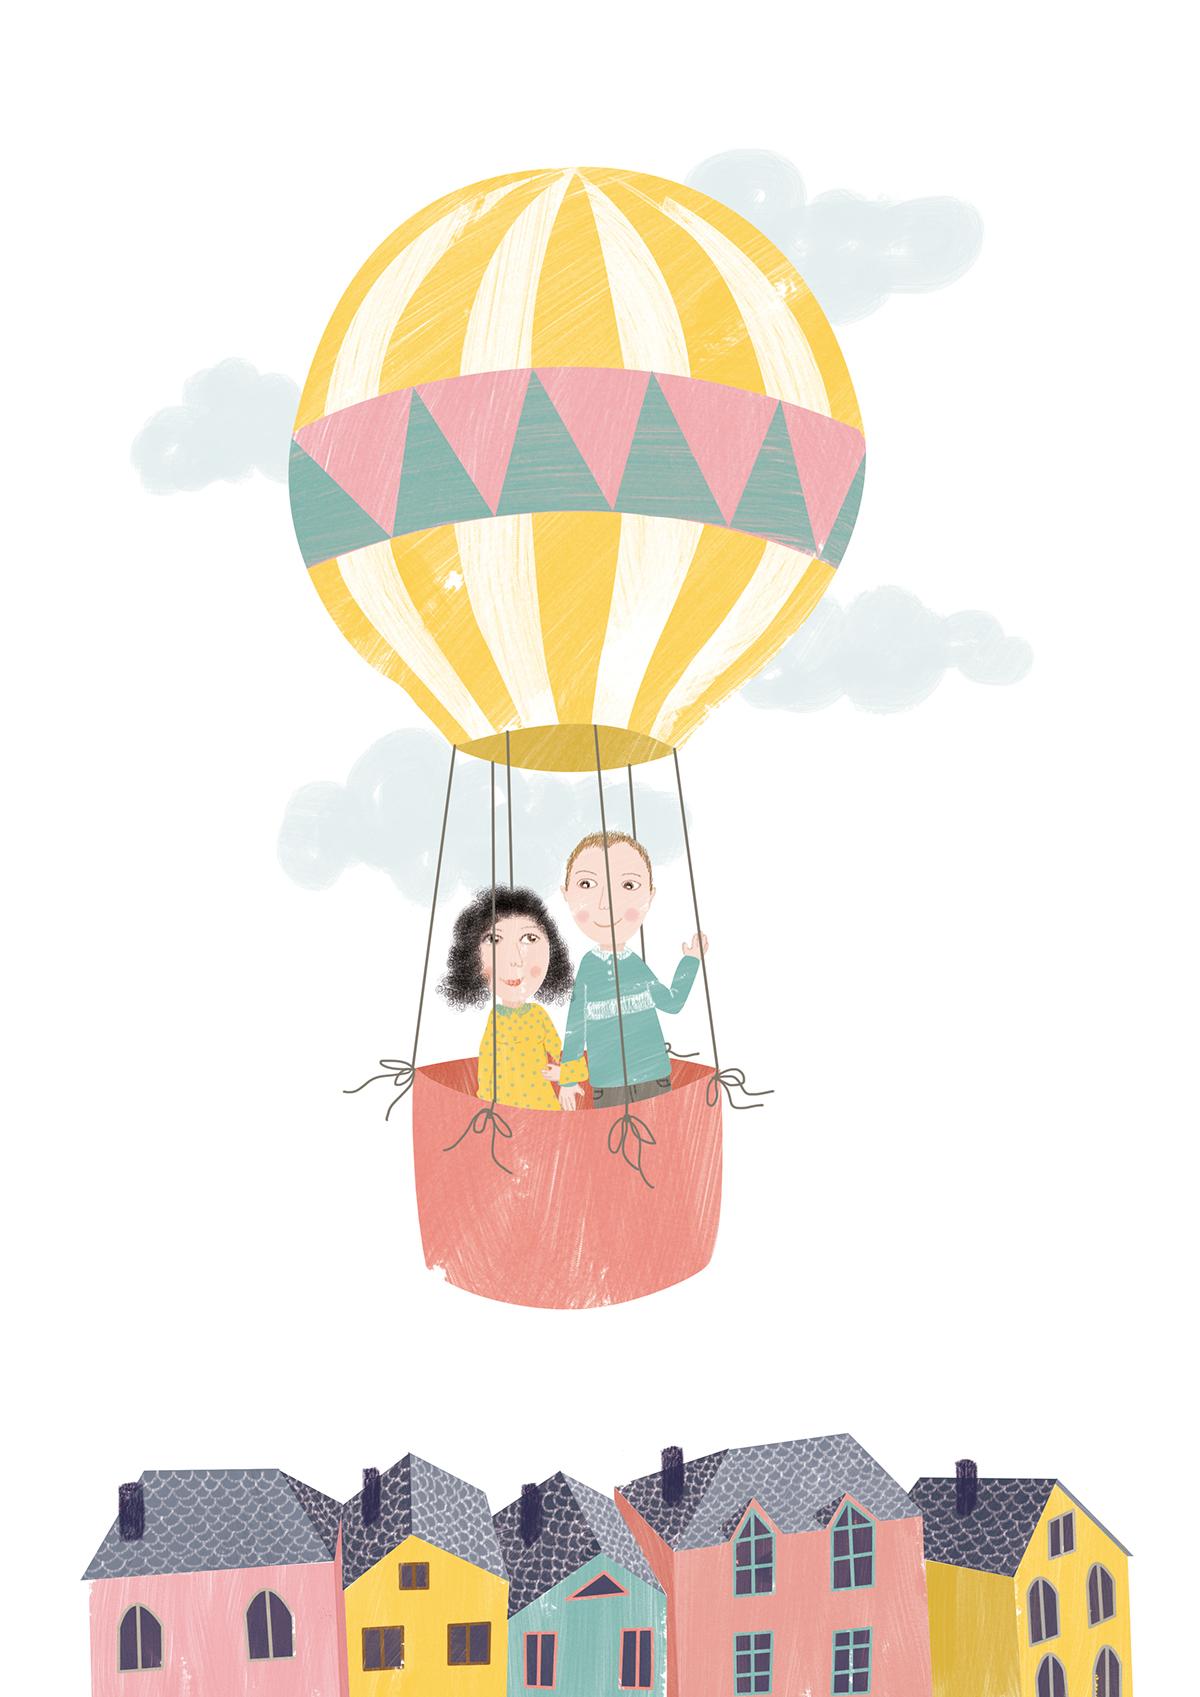 ilustración digital Digital Art  Proyecto ilustrado ilustracion